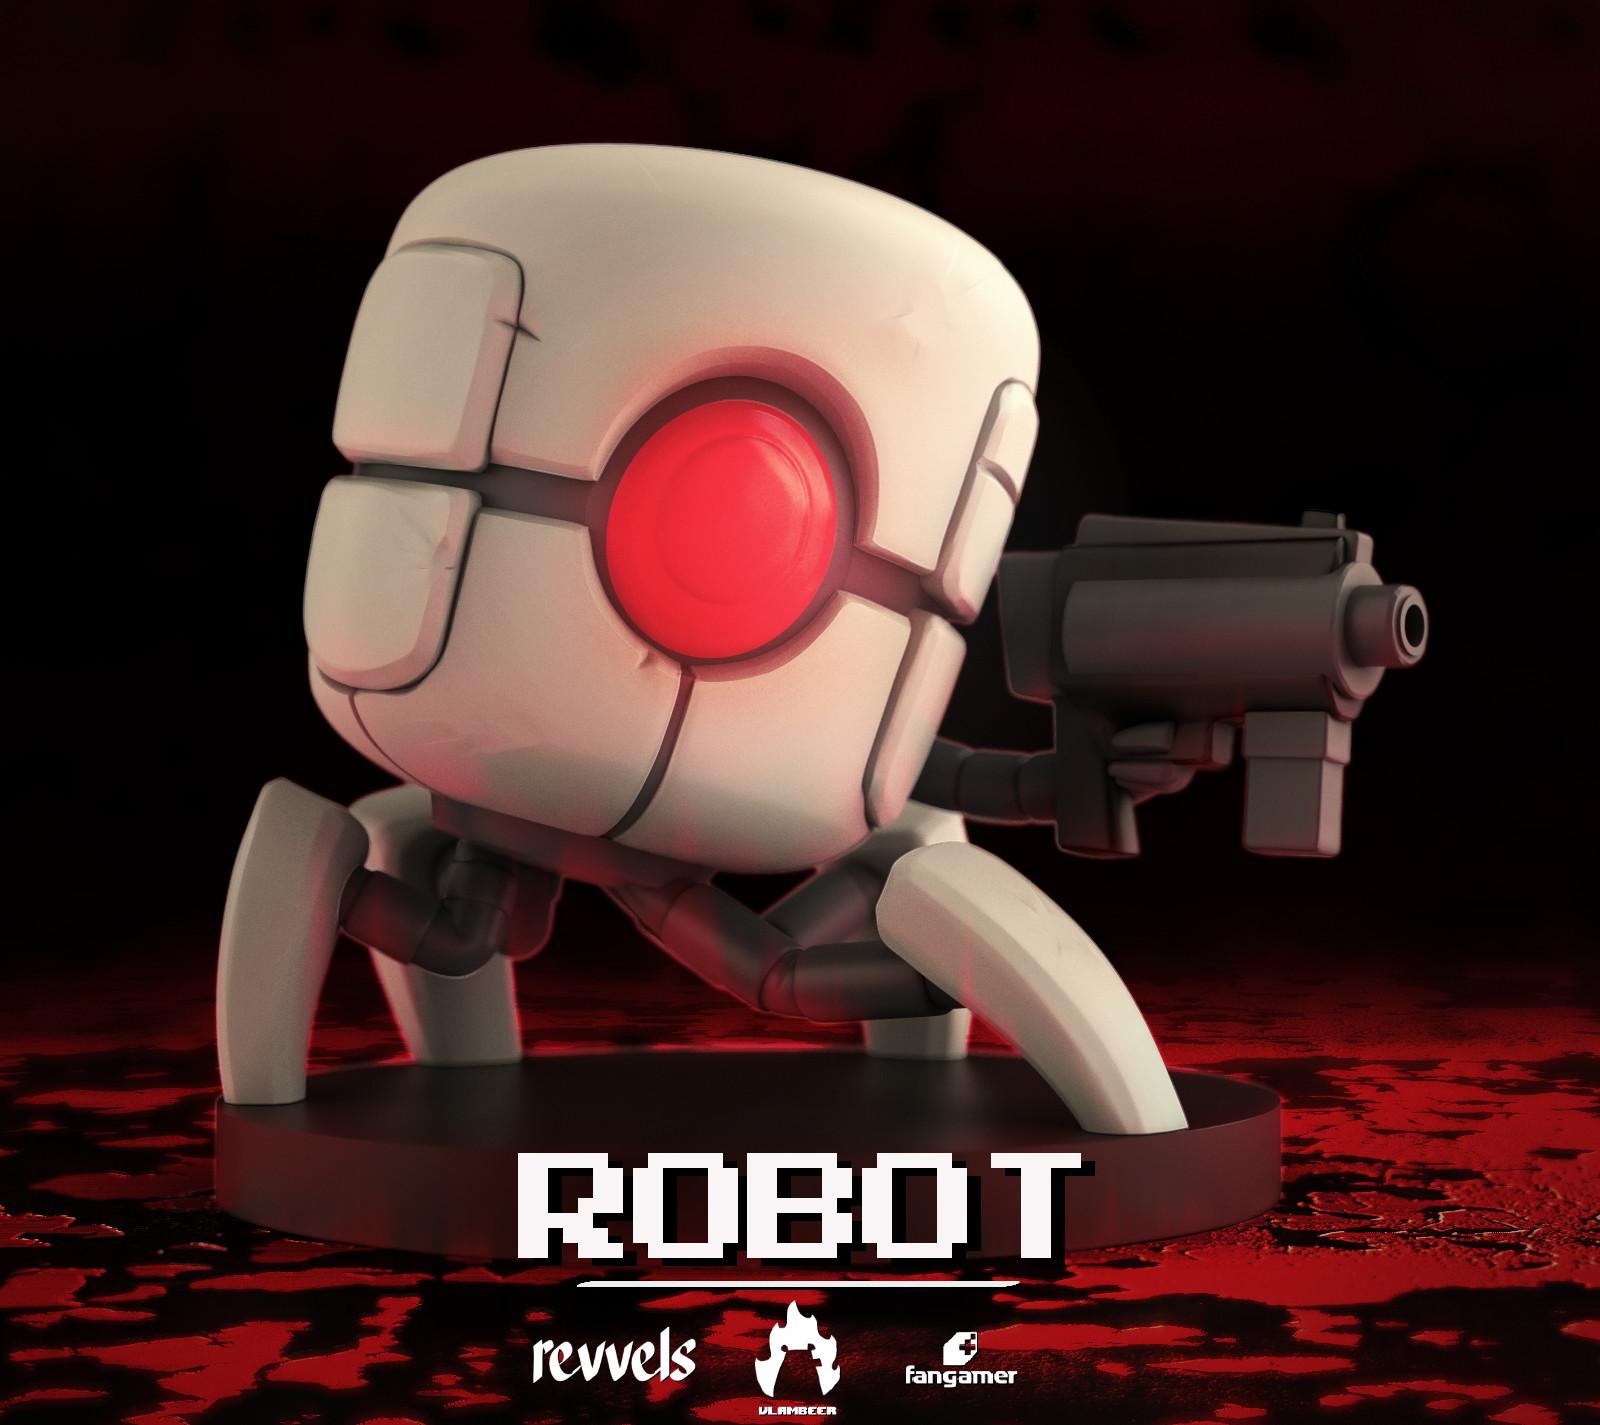 Gijs revvels van kooten robot hero